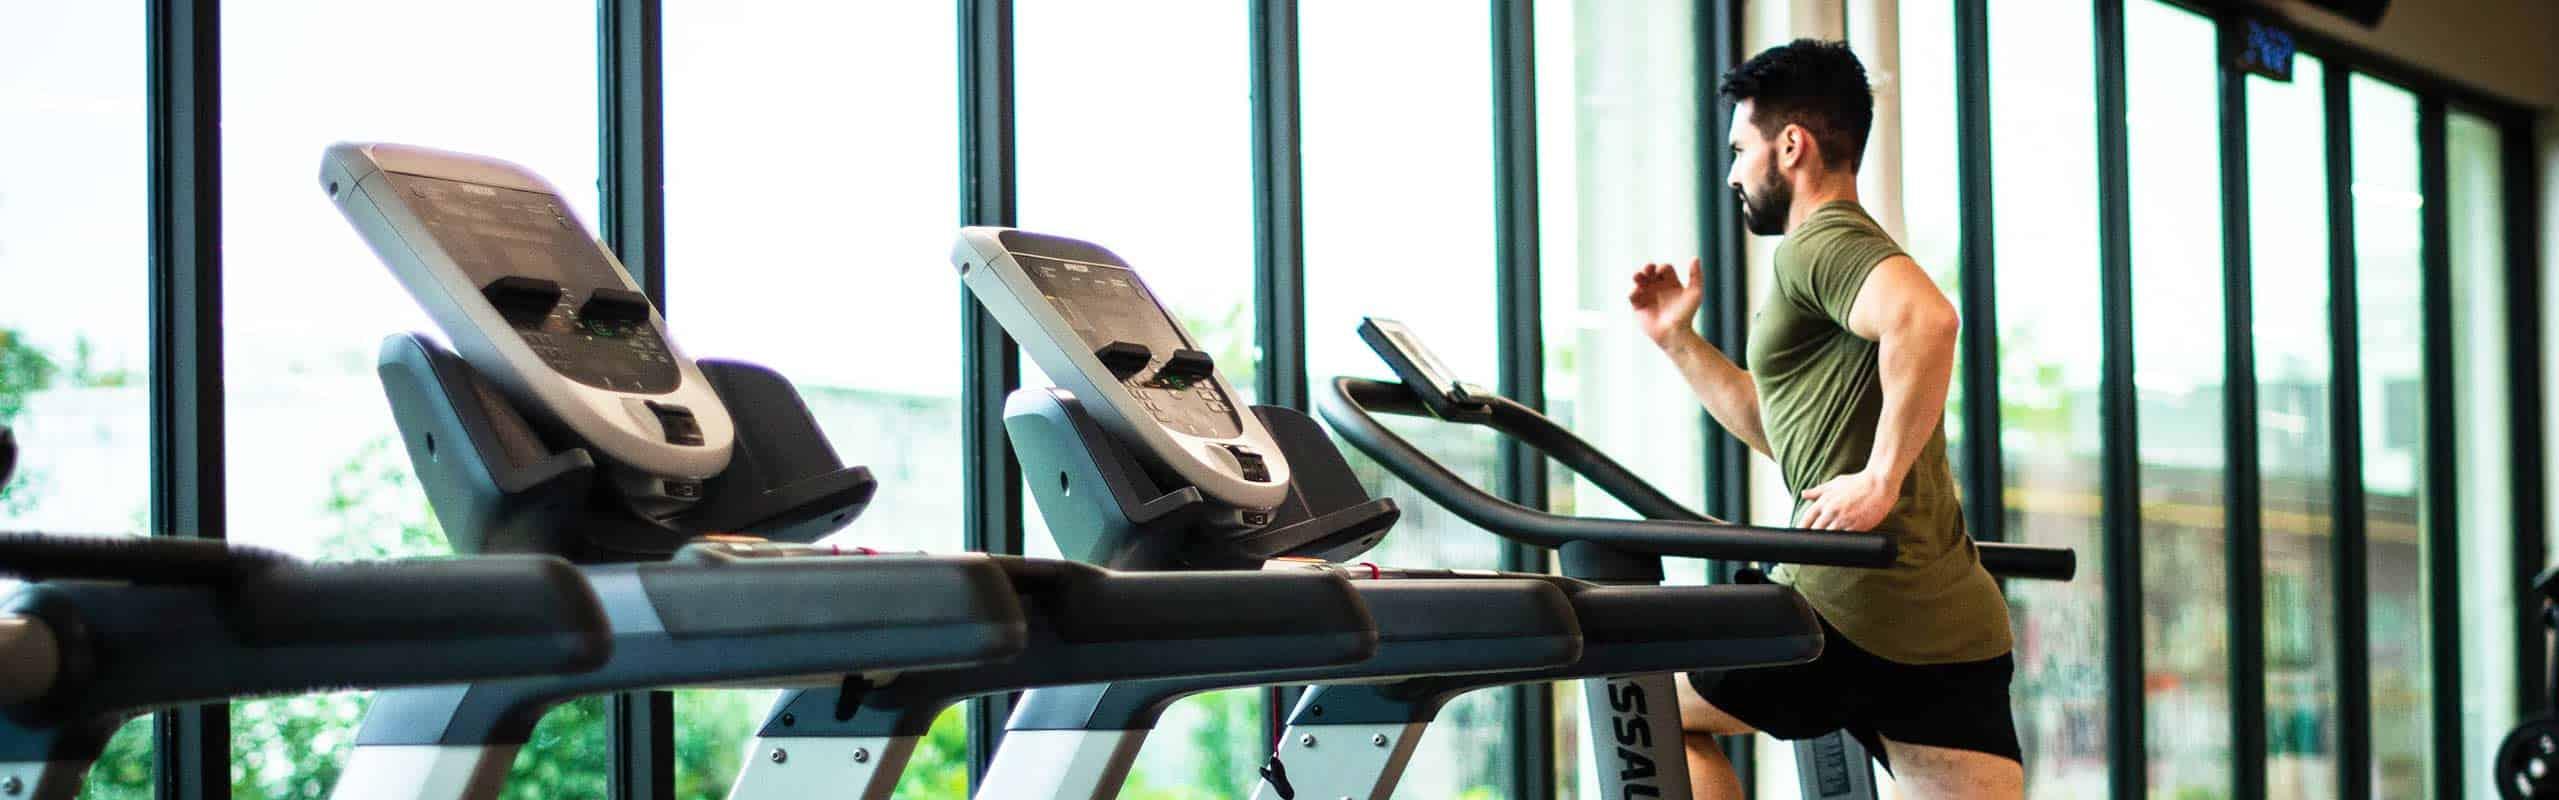 Descubre los tipos de entrenamiento deportivo para mantenerte en forma